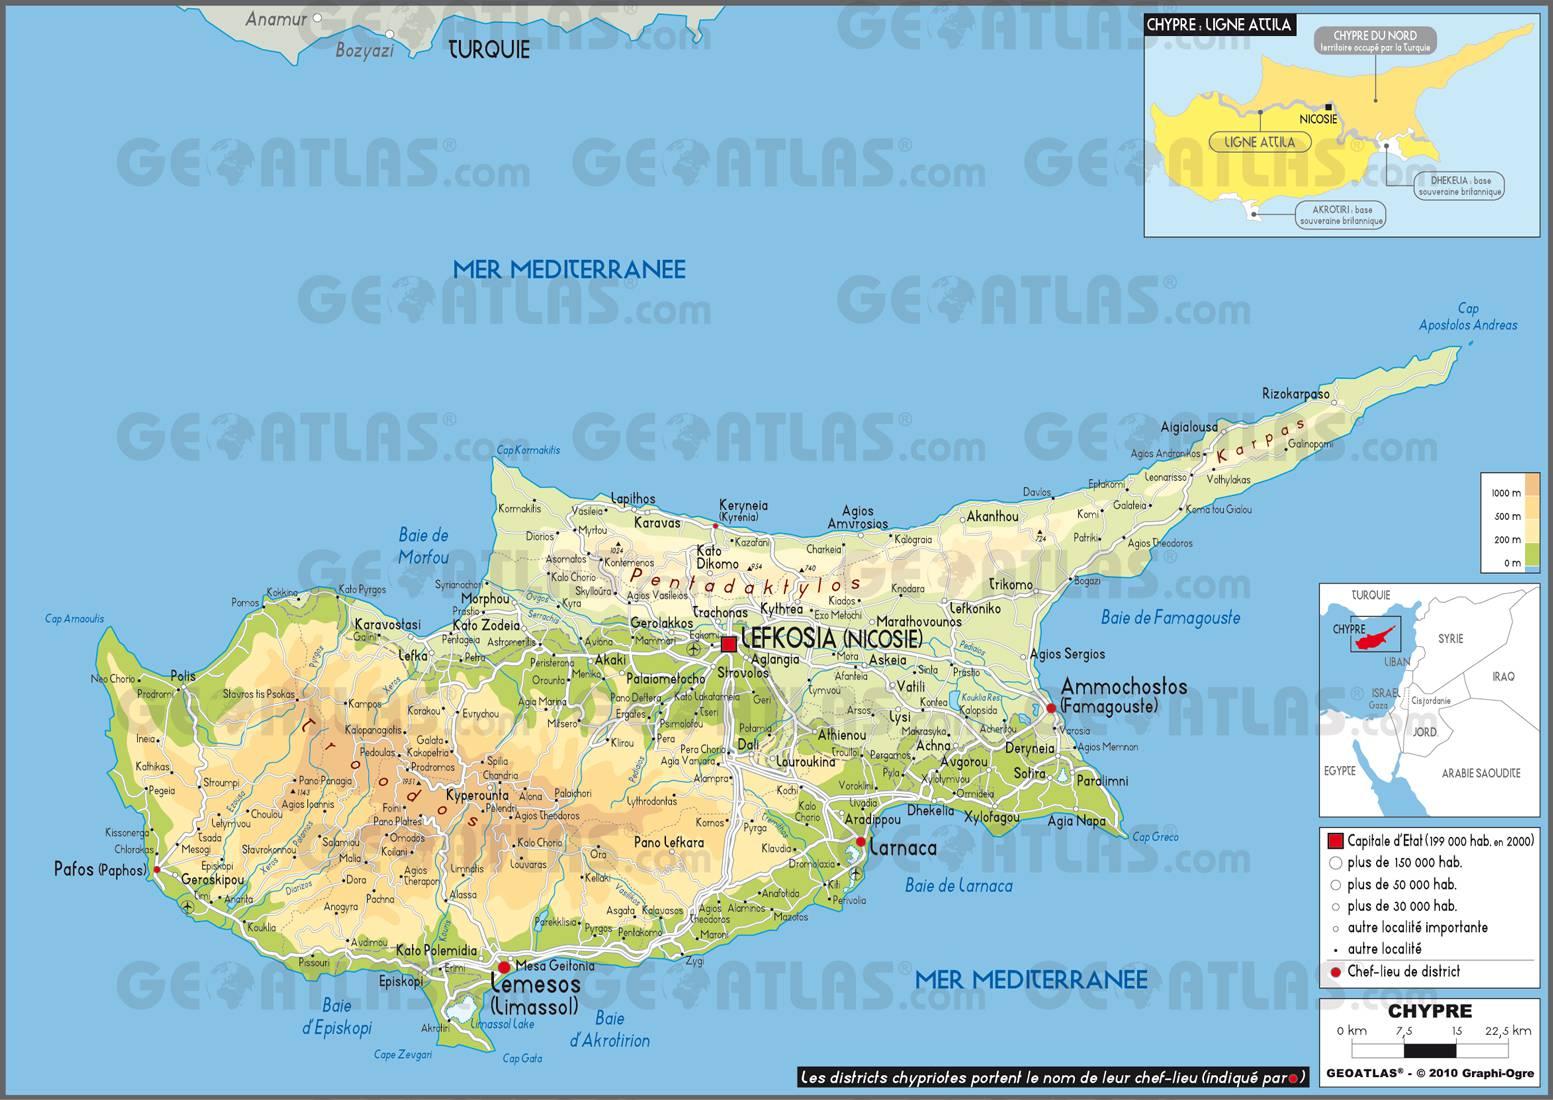 Carte de Chypre   Plusieurs cartes du pays (villes, relief